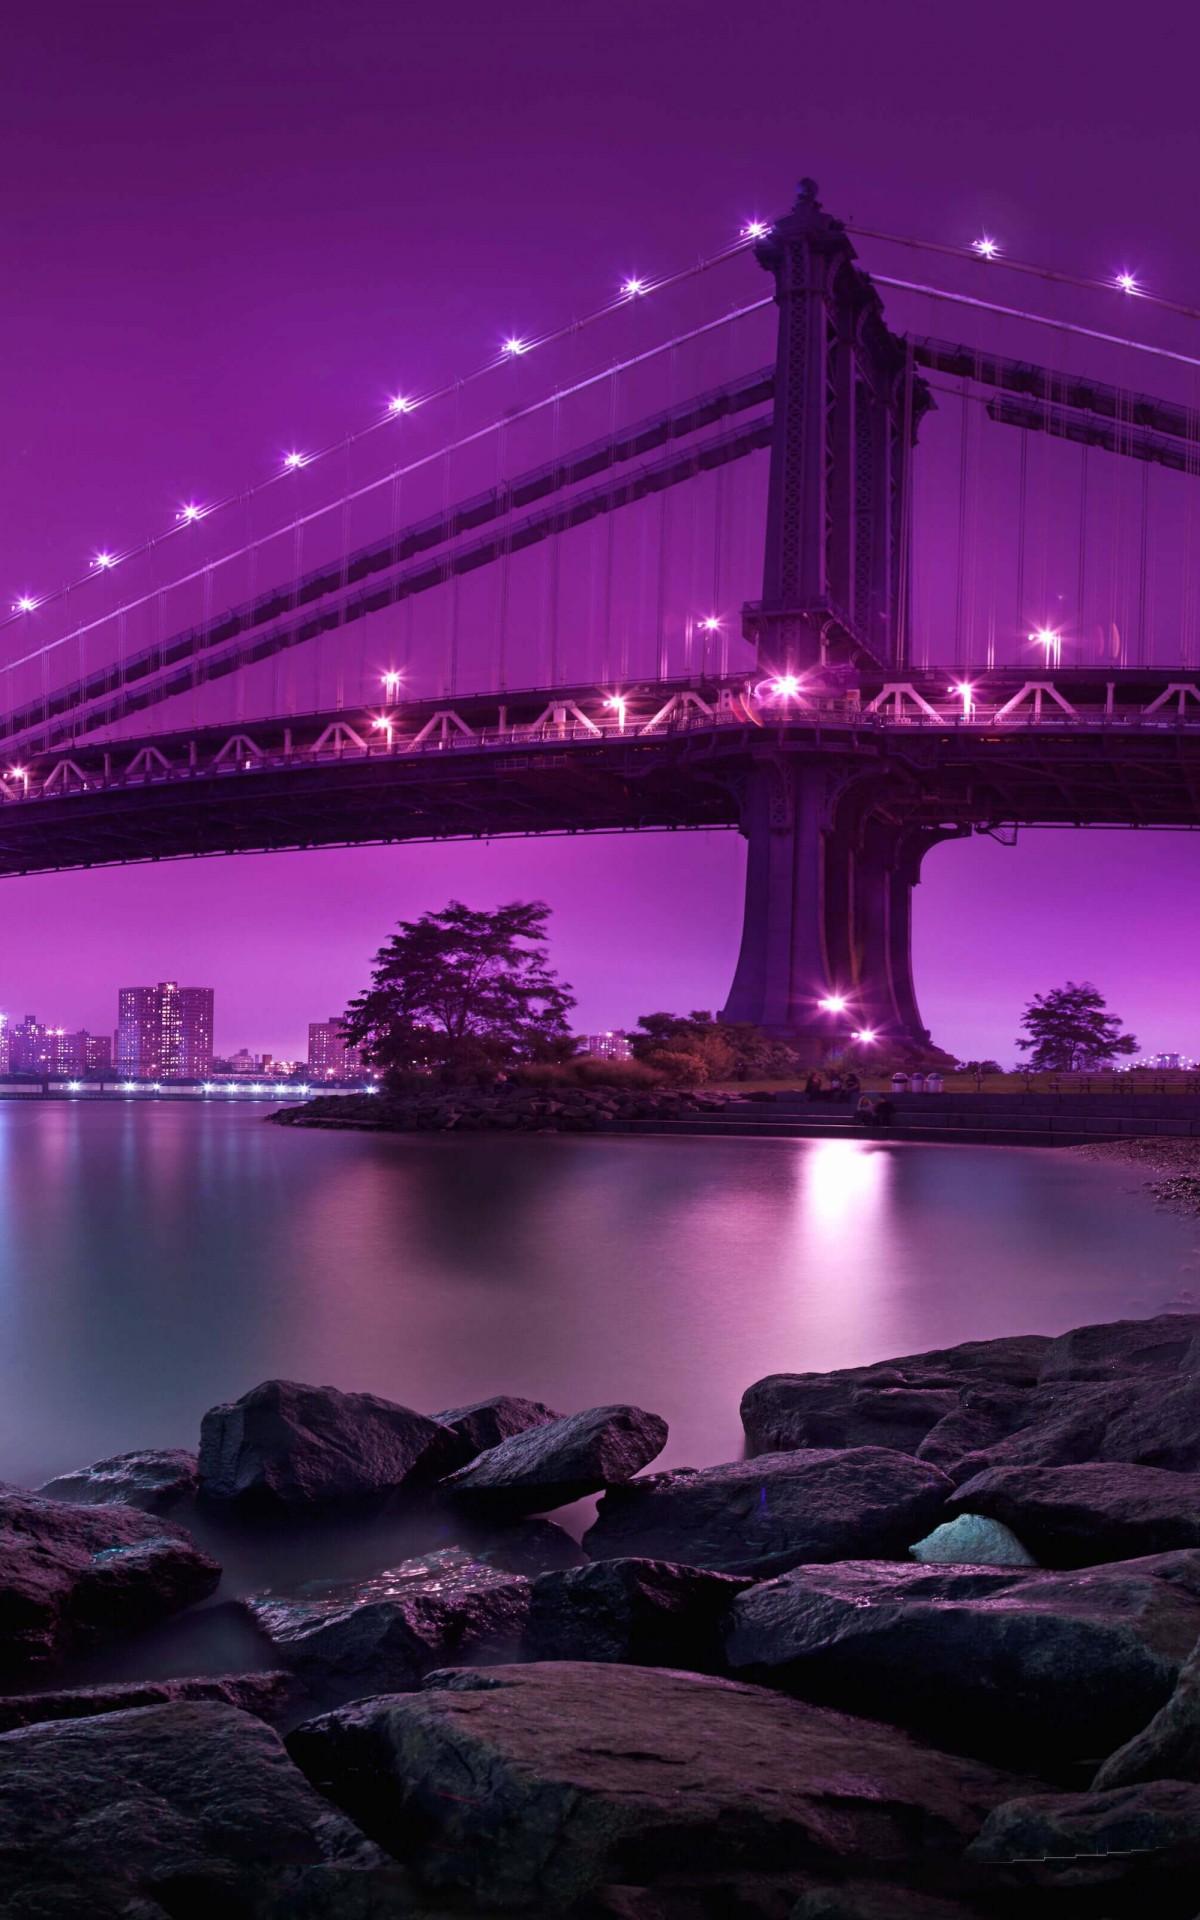 ブルックリンブリッジパーク アマゾン火壁紙 10x19 Wallpapertip